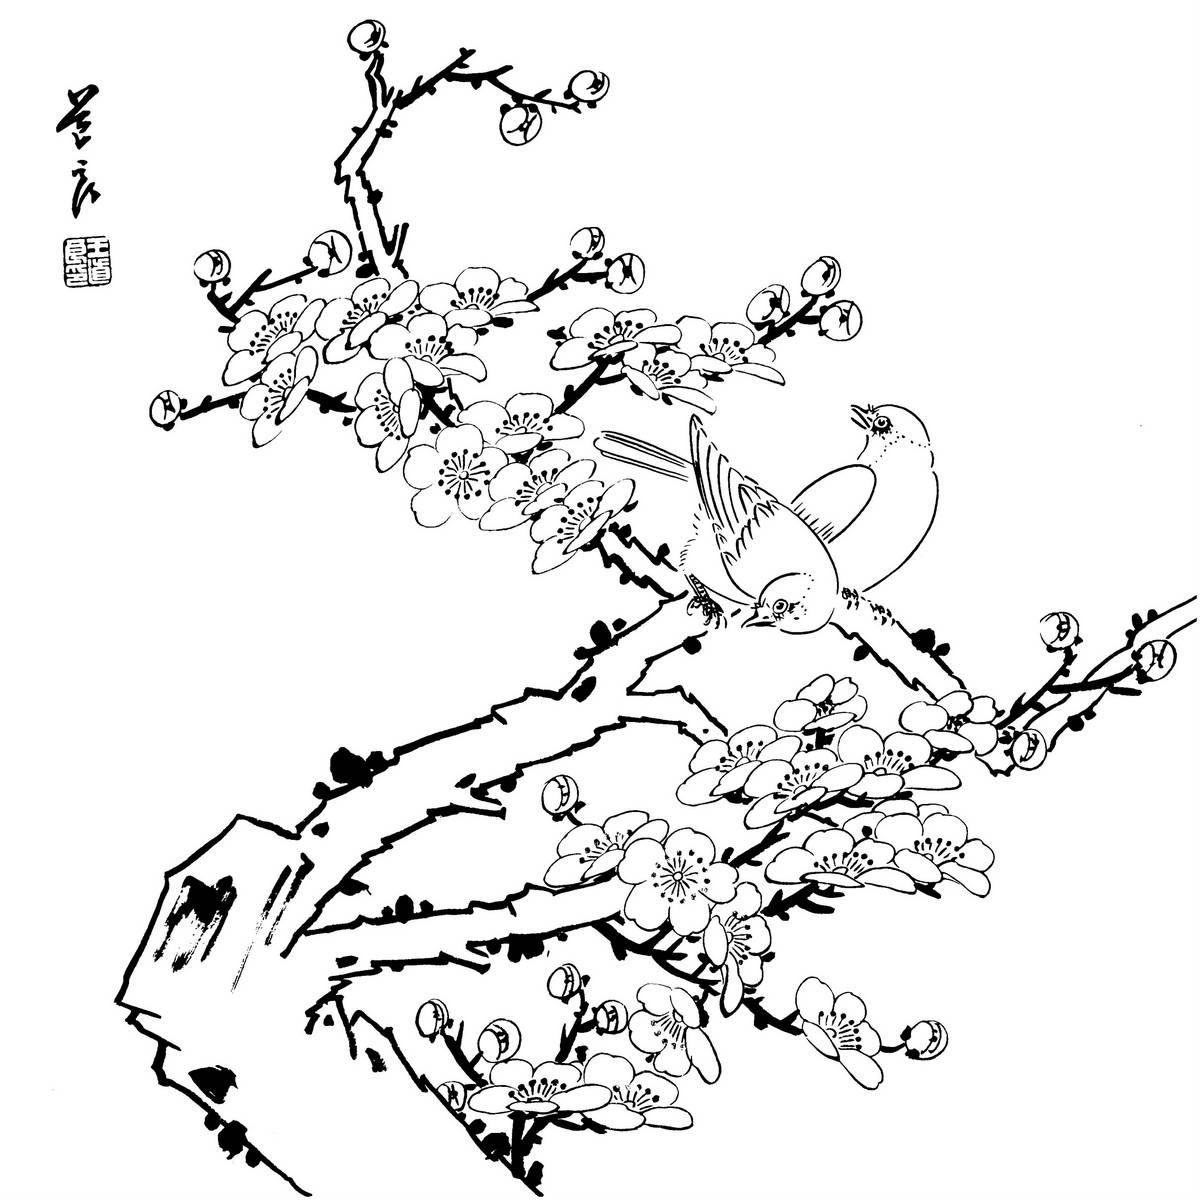 0033_工笔画花鸟白描线稿素材高清图33_0x0px_jpg_600dpi_3